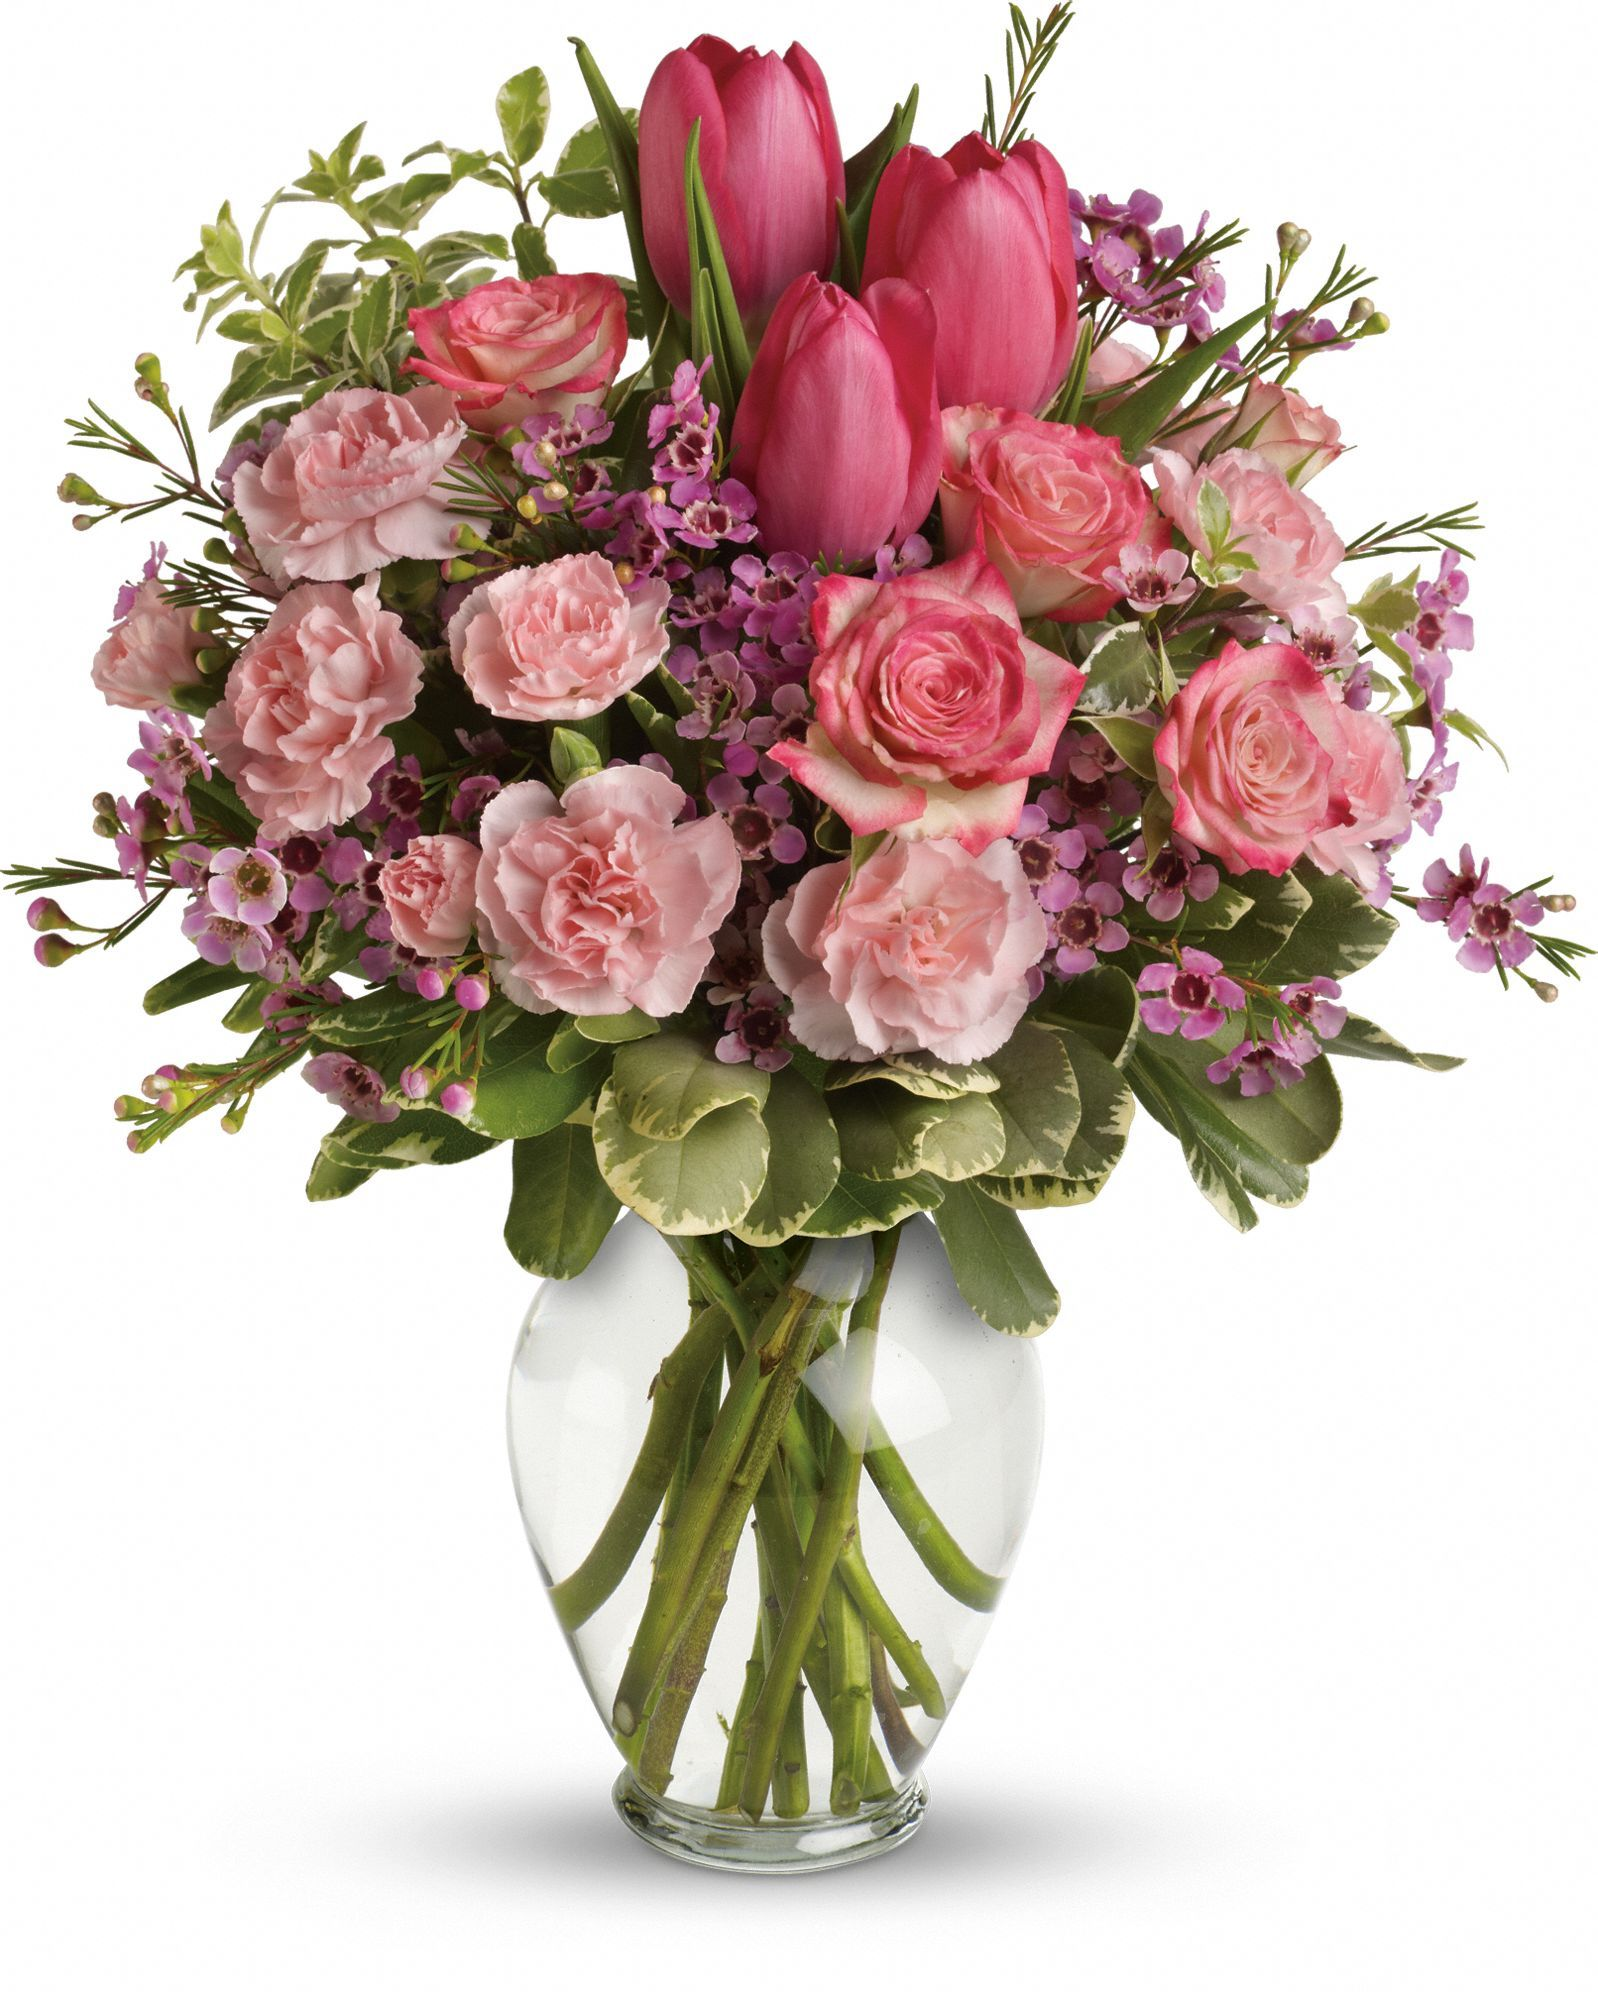 Full Of Love Bouquet 59.95 2013 So Pretty